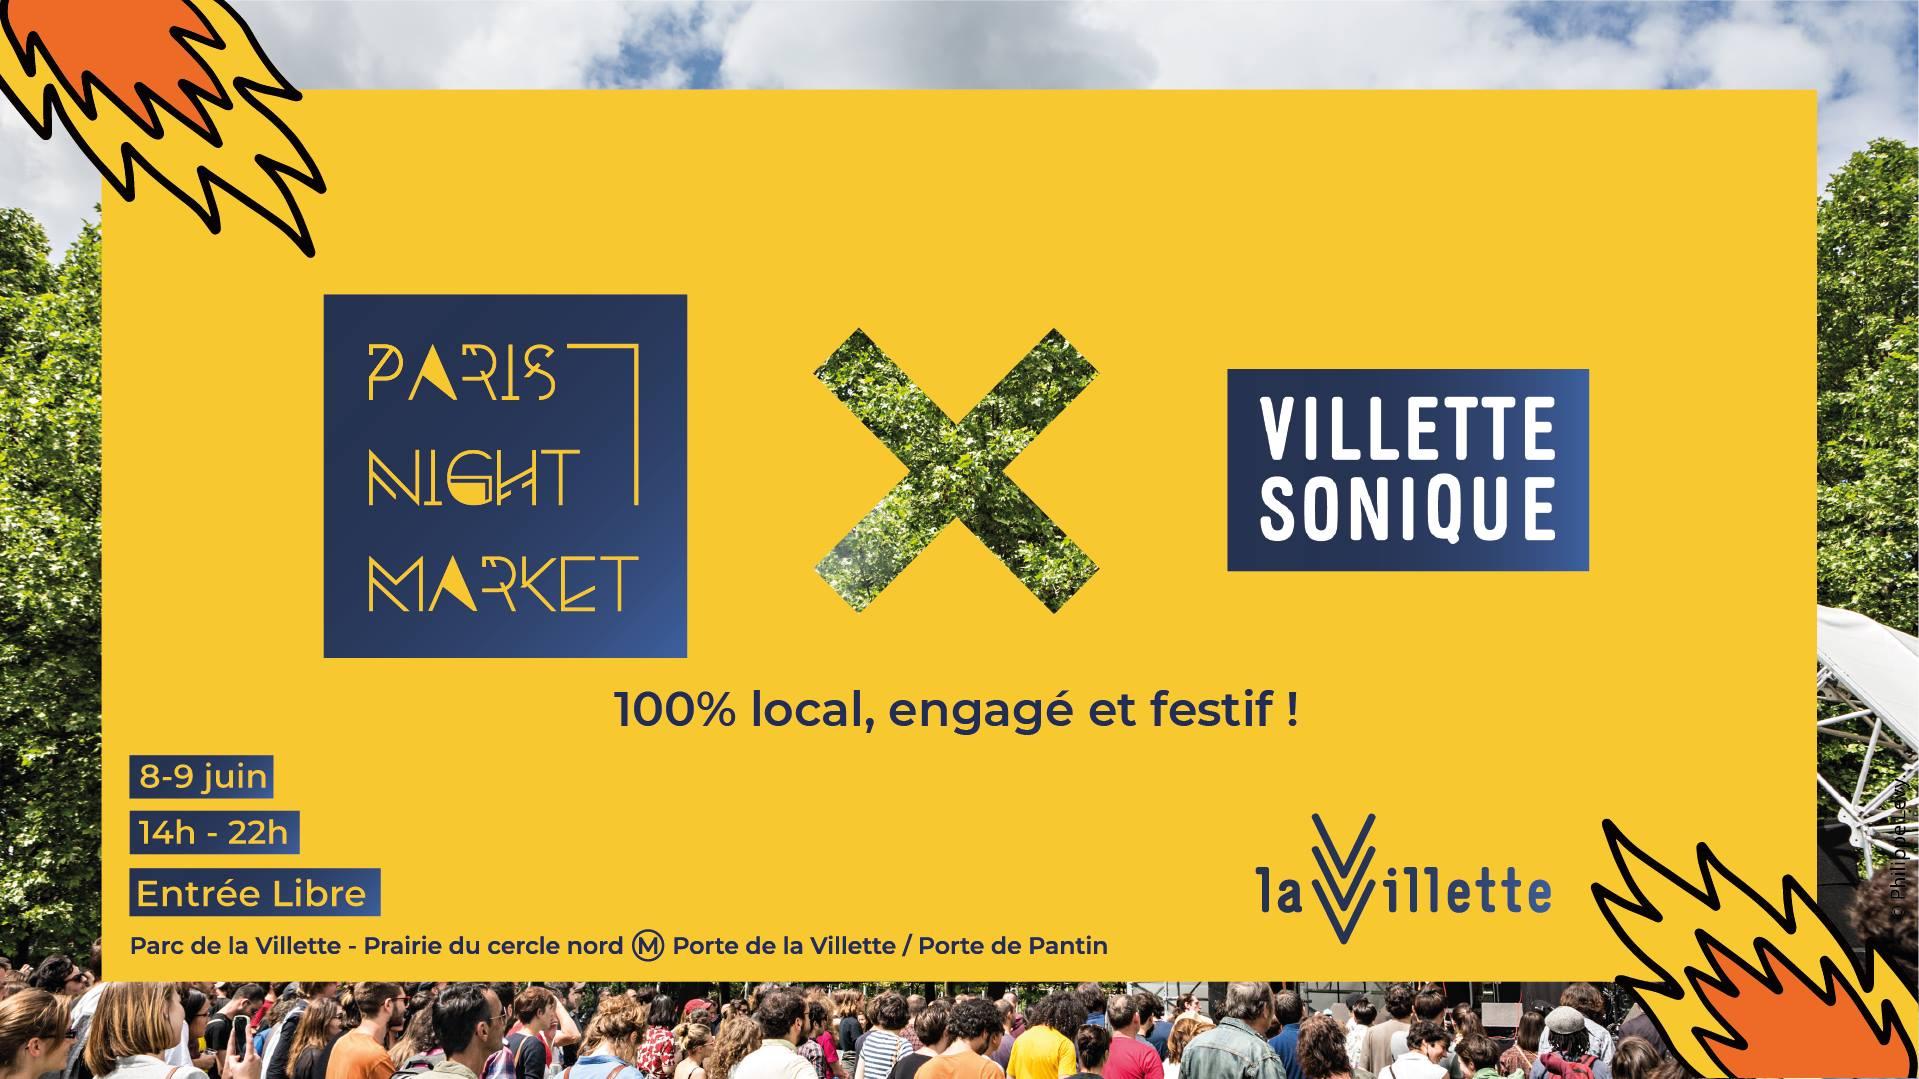 aossy-paris-night-market-affiche